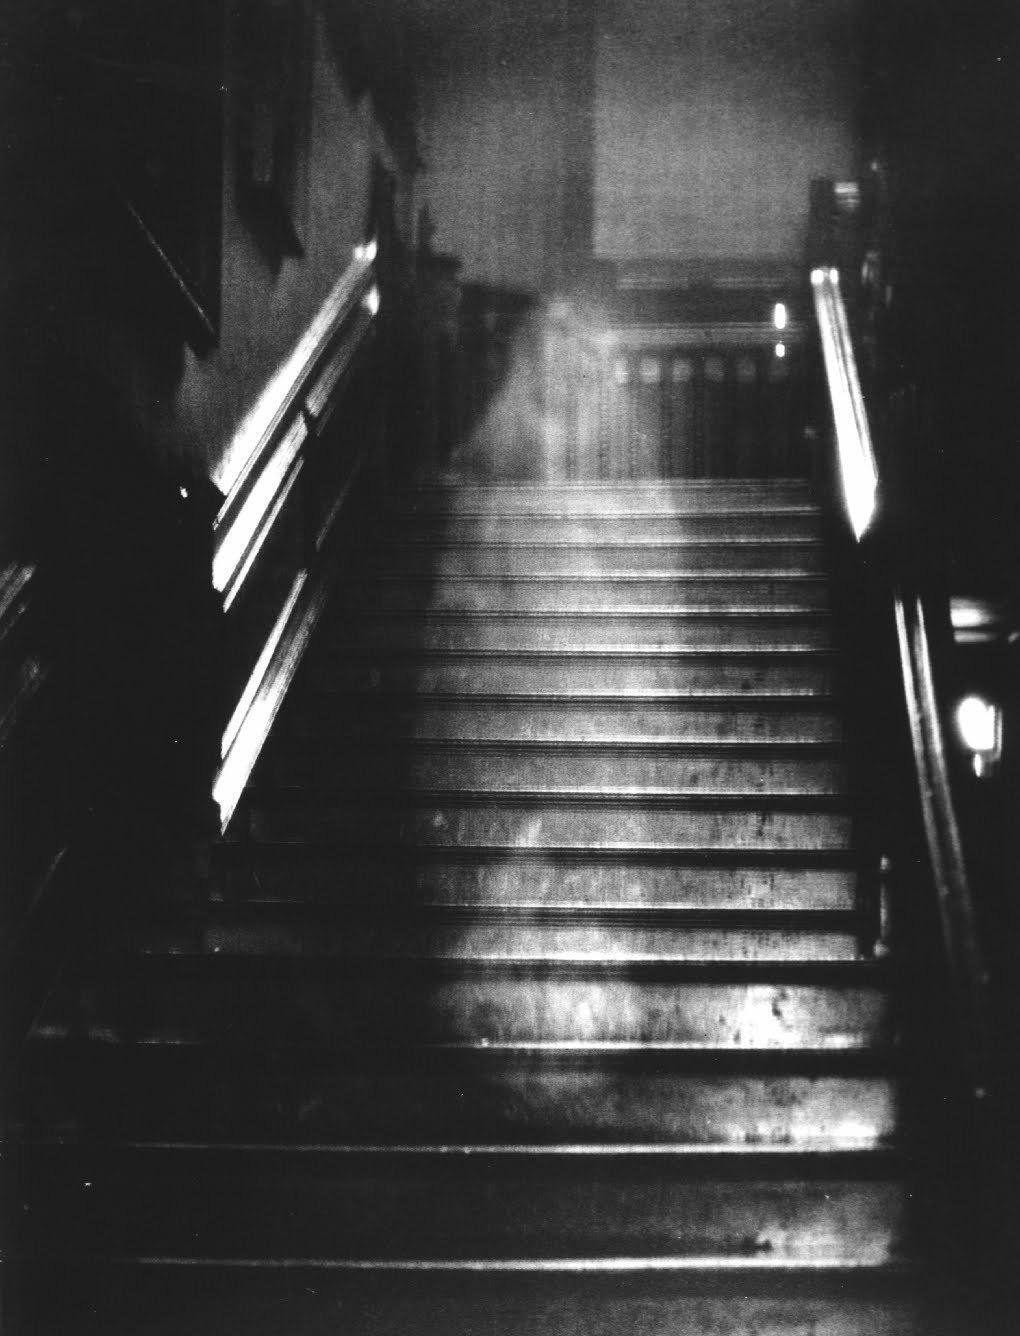 Bức Ảnh Chụp Năm 1936 Tại Rayham Hall, Norfold, Anh Này Là Một Trong Những  Bức Ảnh Ma Nổi Tiếng Nhất Trong Nhiều Thập Kỷ. Chiếc Bóng Xuất Hiện Trong  Tấm ...